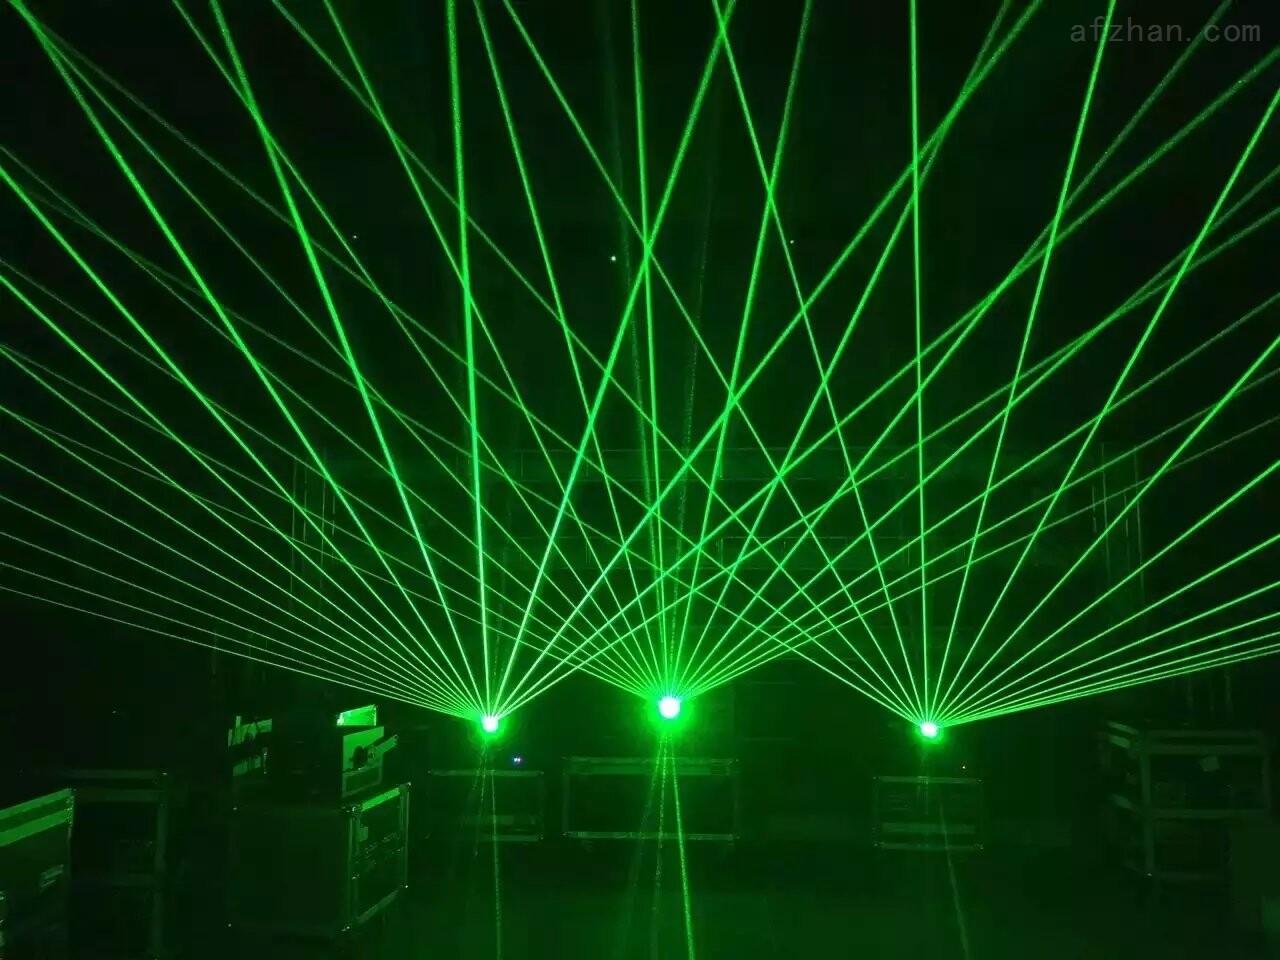 户外防水激光灯,高楼地标激光灯,楼顶镭射激光光束灯